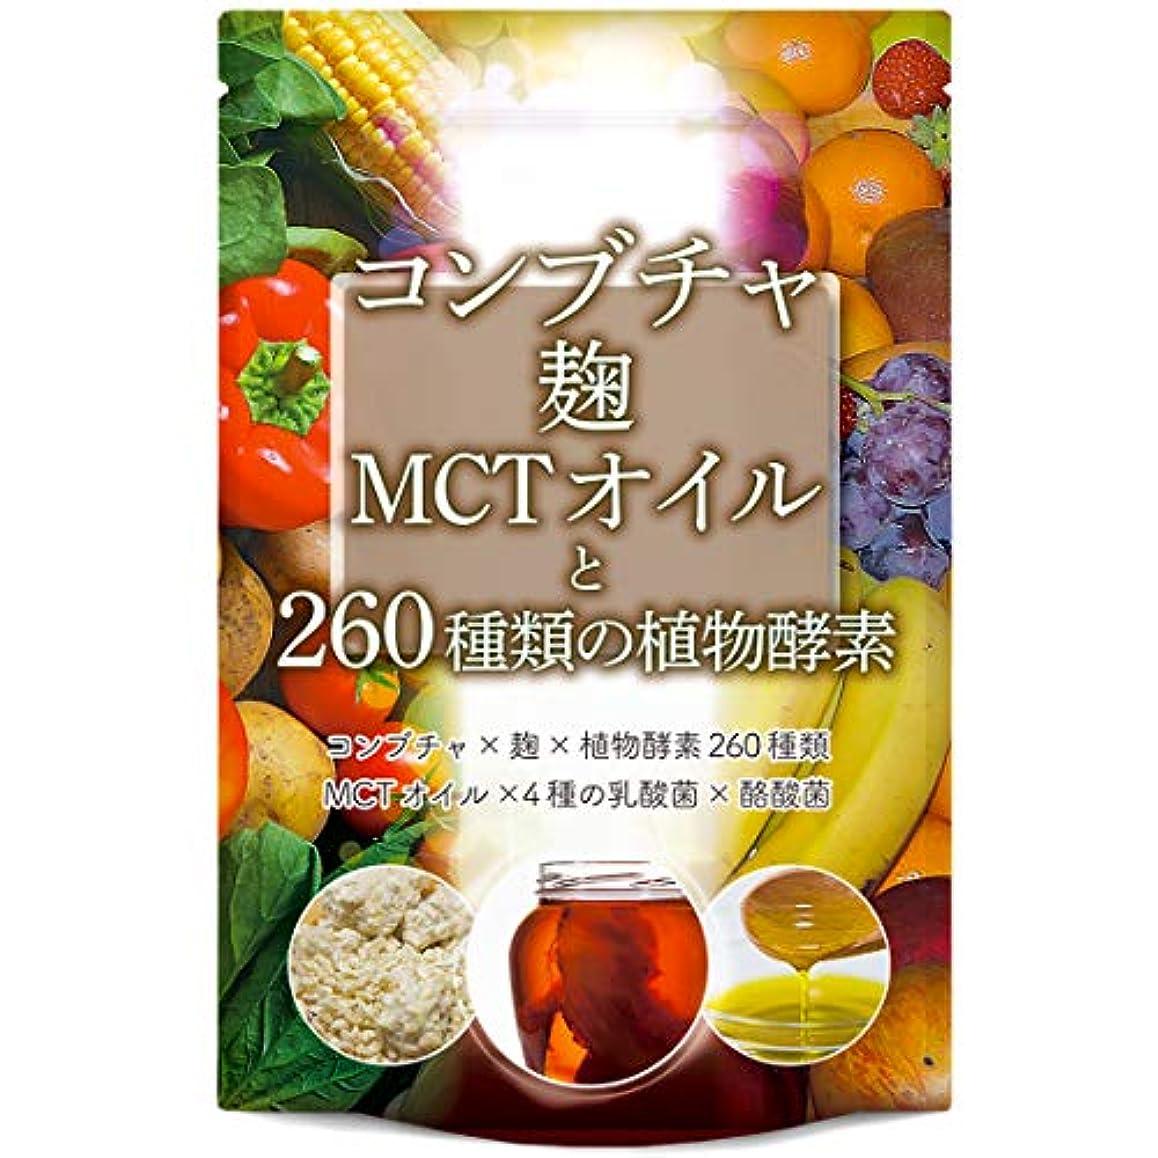 四マーキー少年コンブチャ 麹 MCTオイル 260種類の植物酵素 ダイエット サプリメント 30粒 30日分